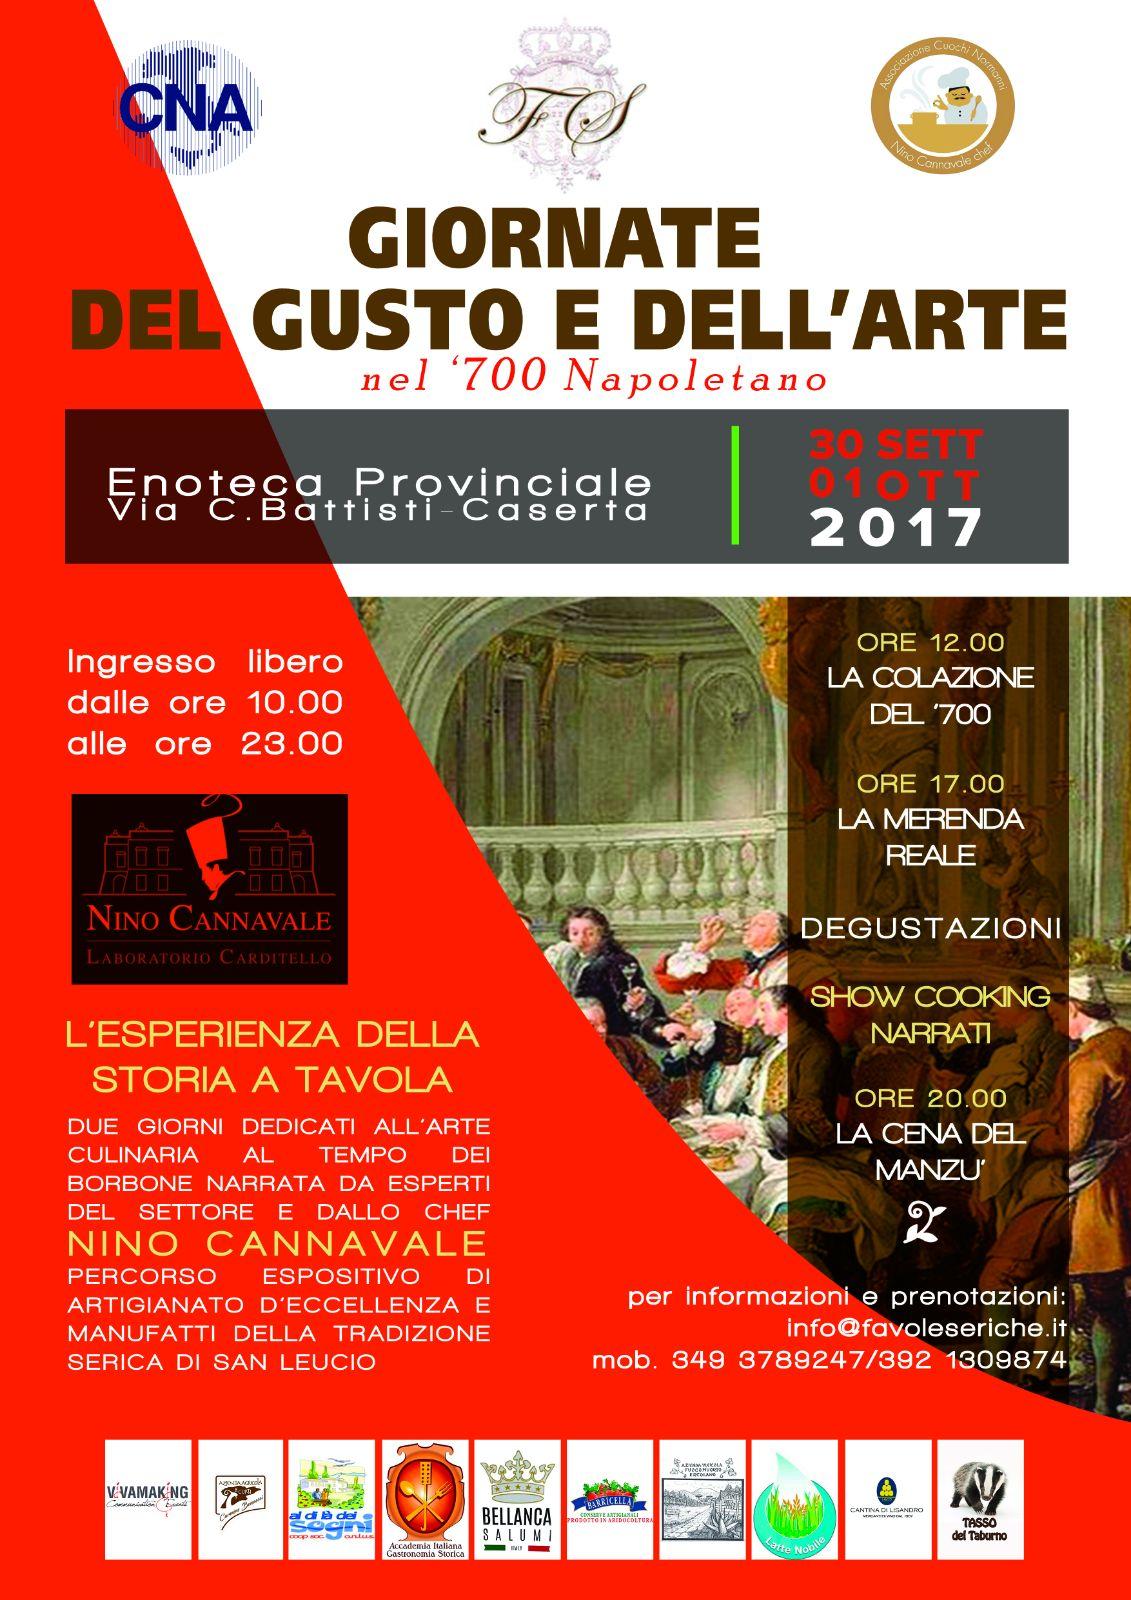 Giornate del Gusto e dell'Arte nel '700 napoletano